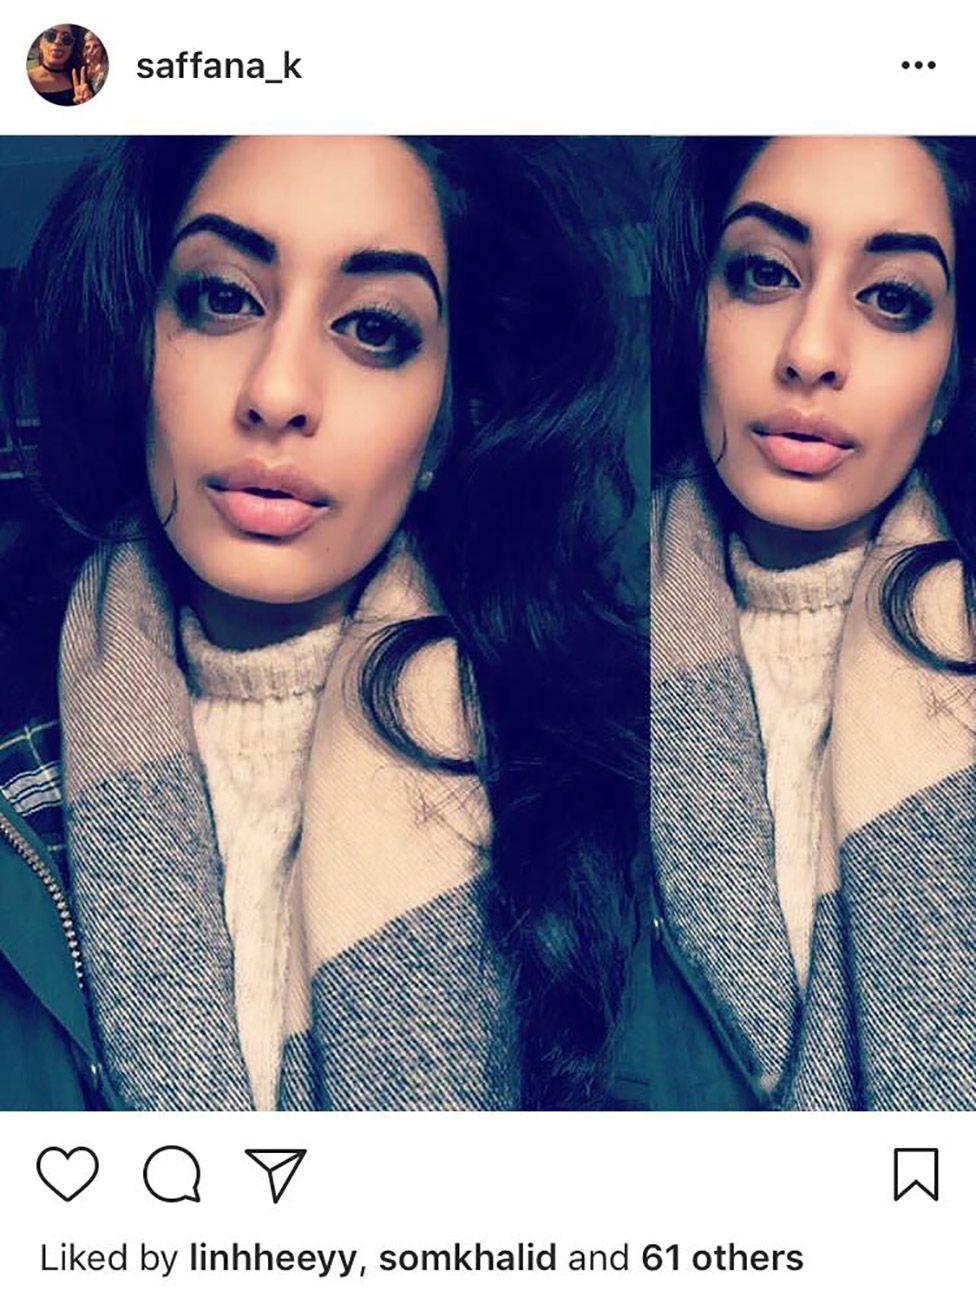 Saffana Khan